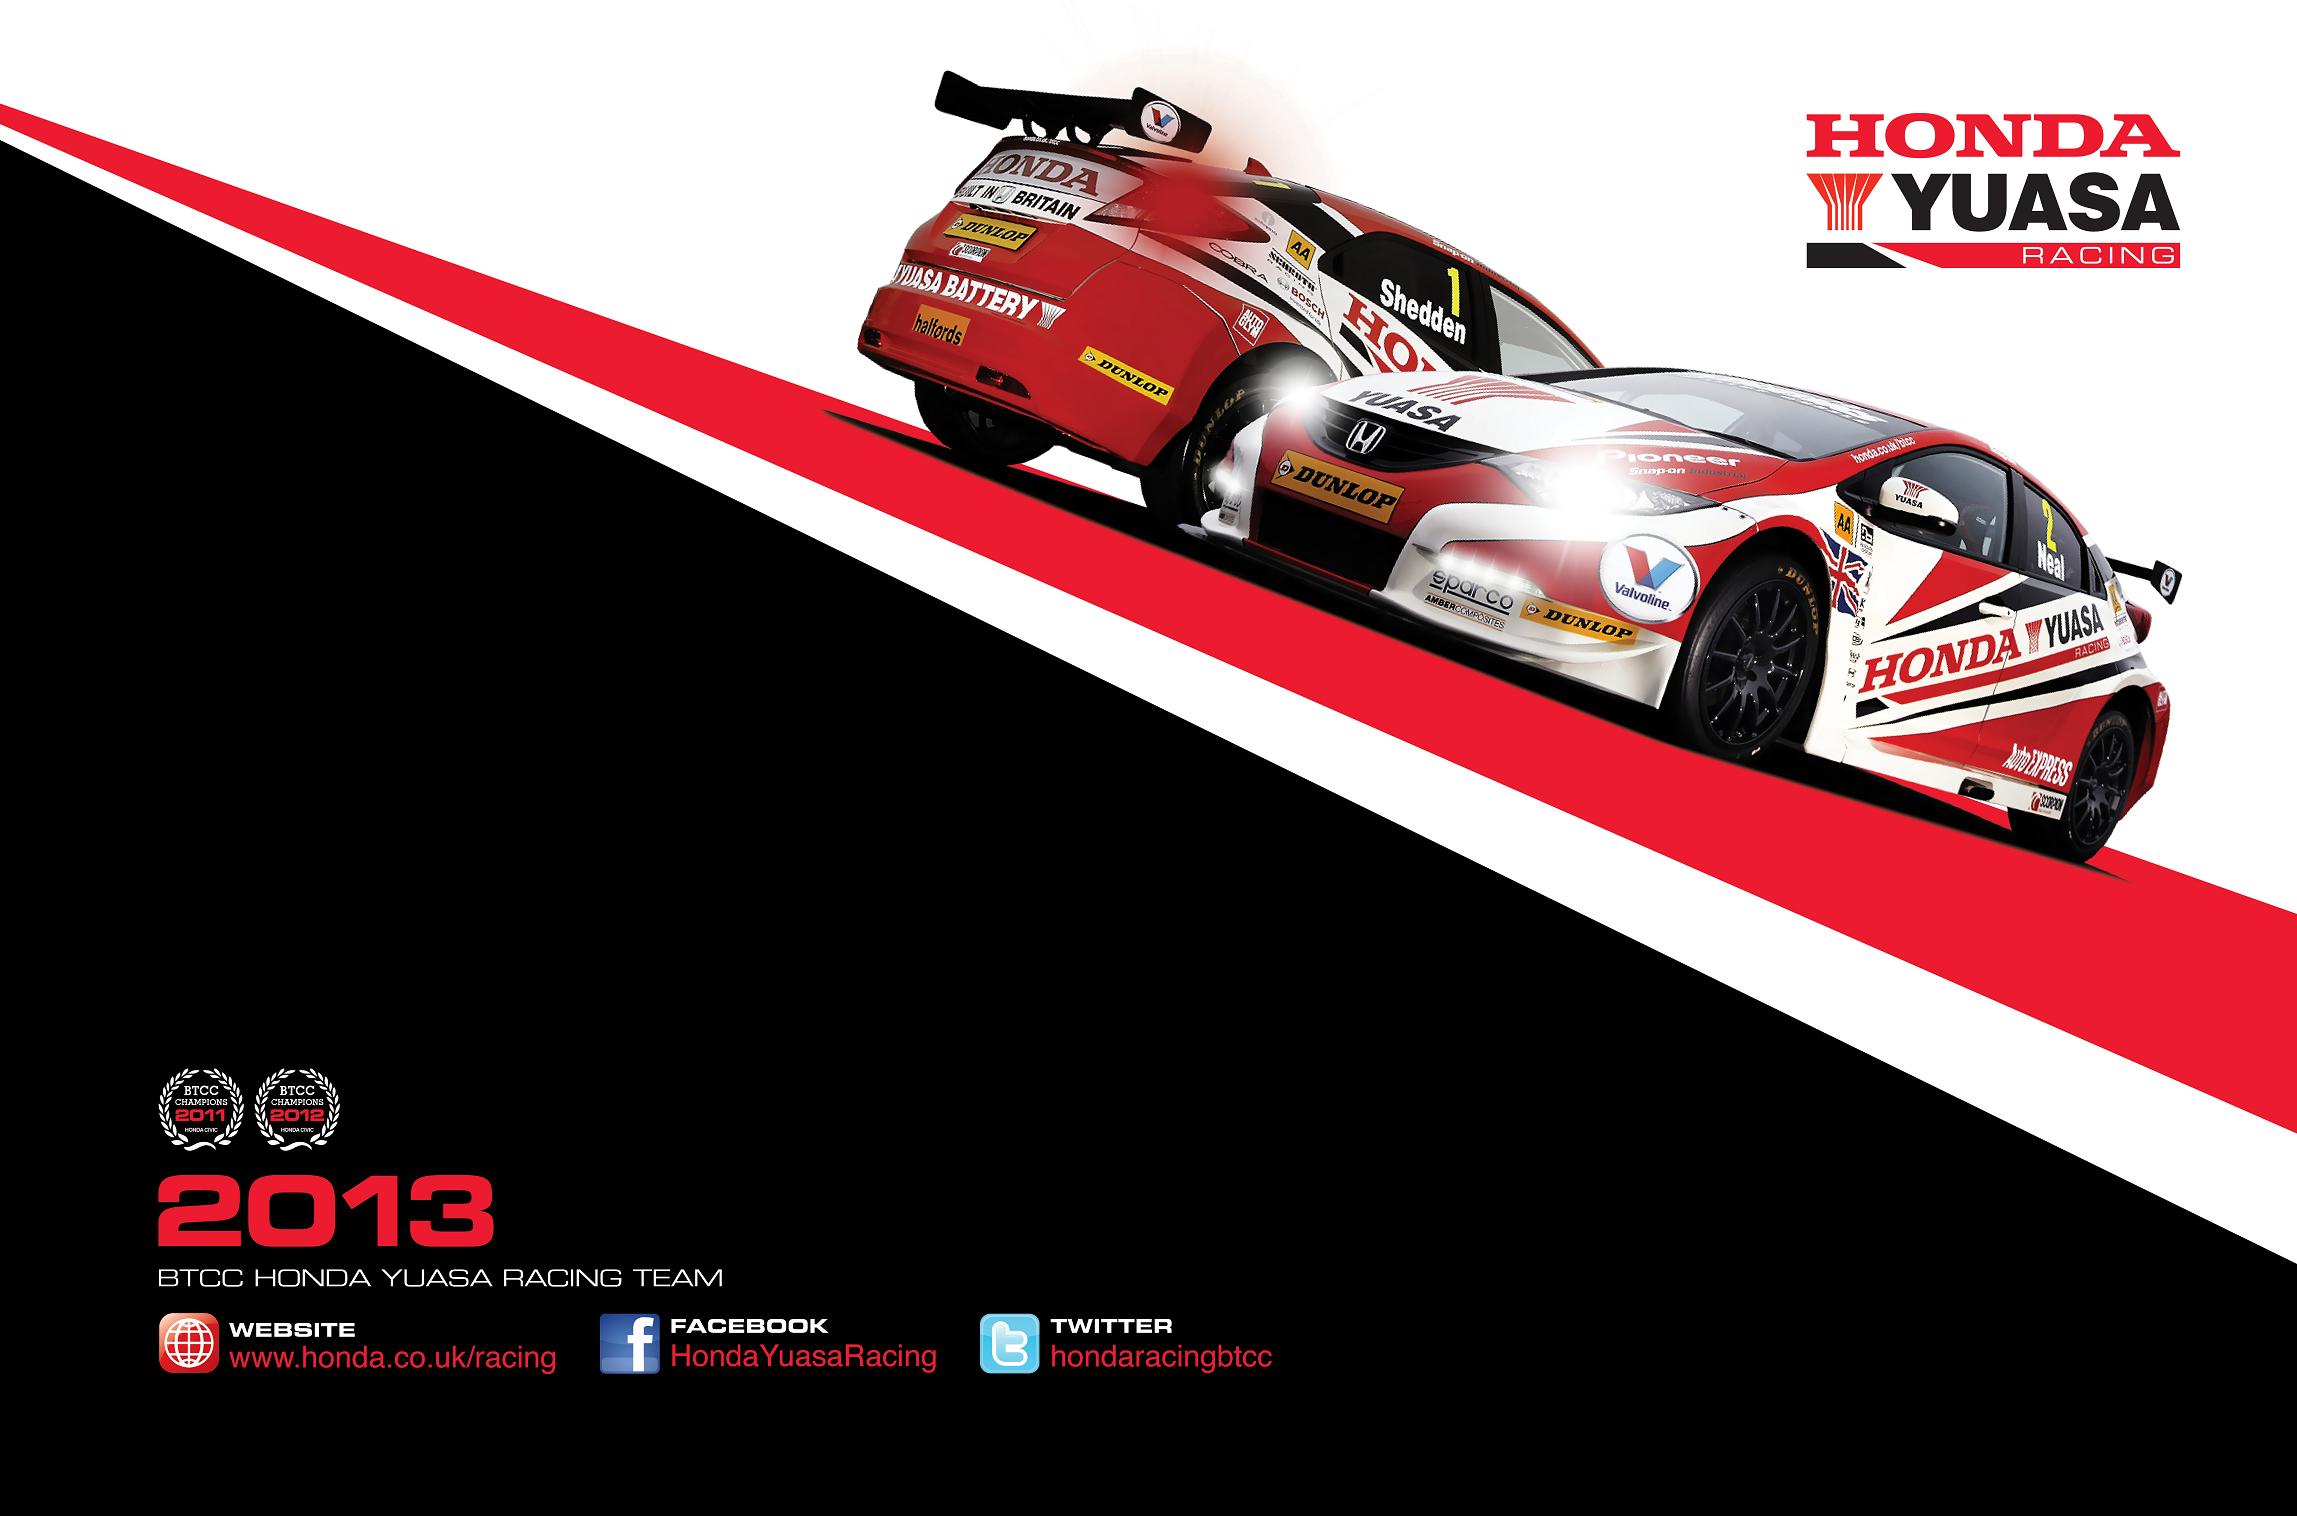 Honda Racing Wallpaper - WallpaperSafari